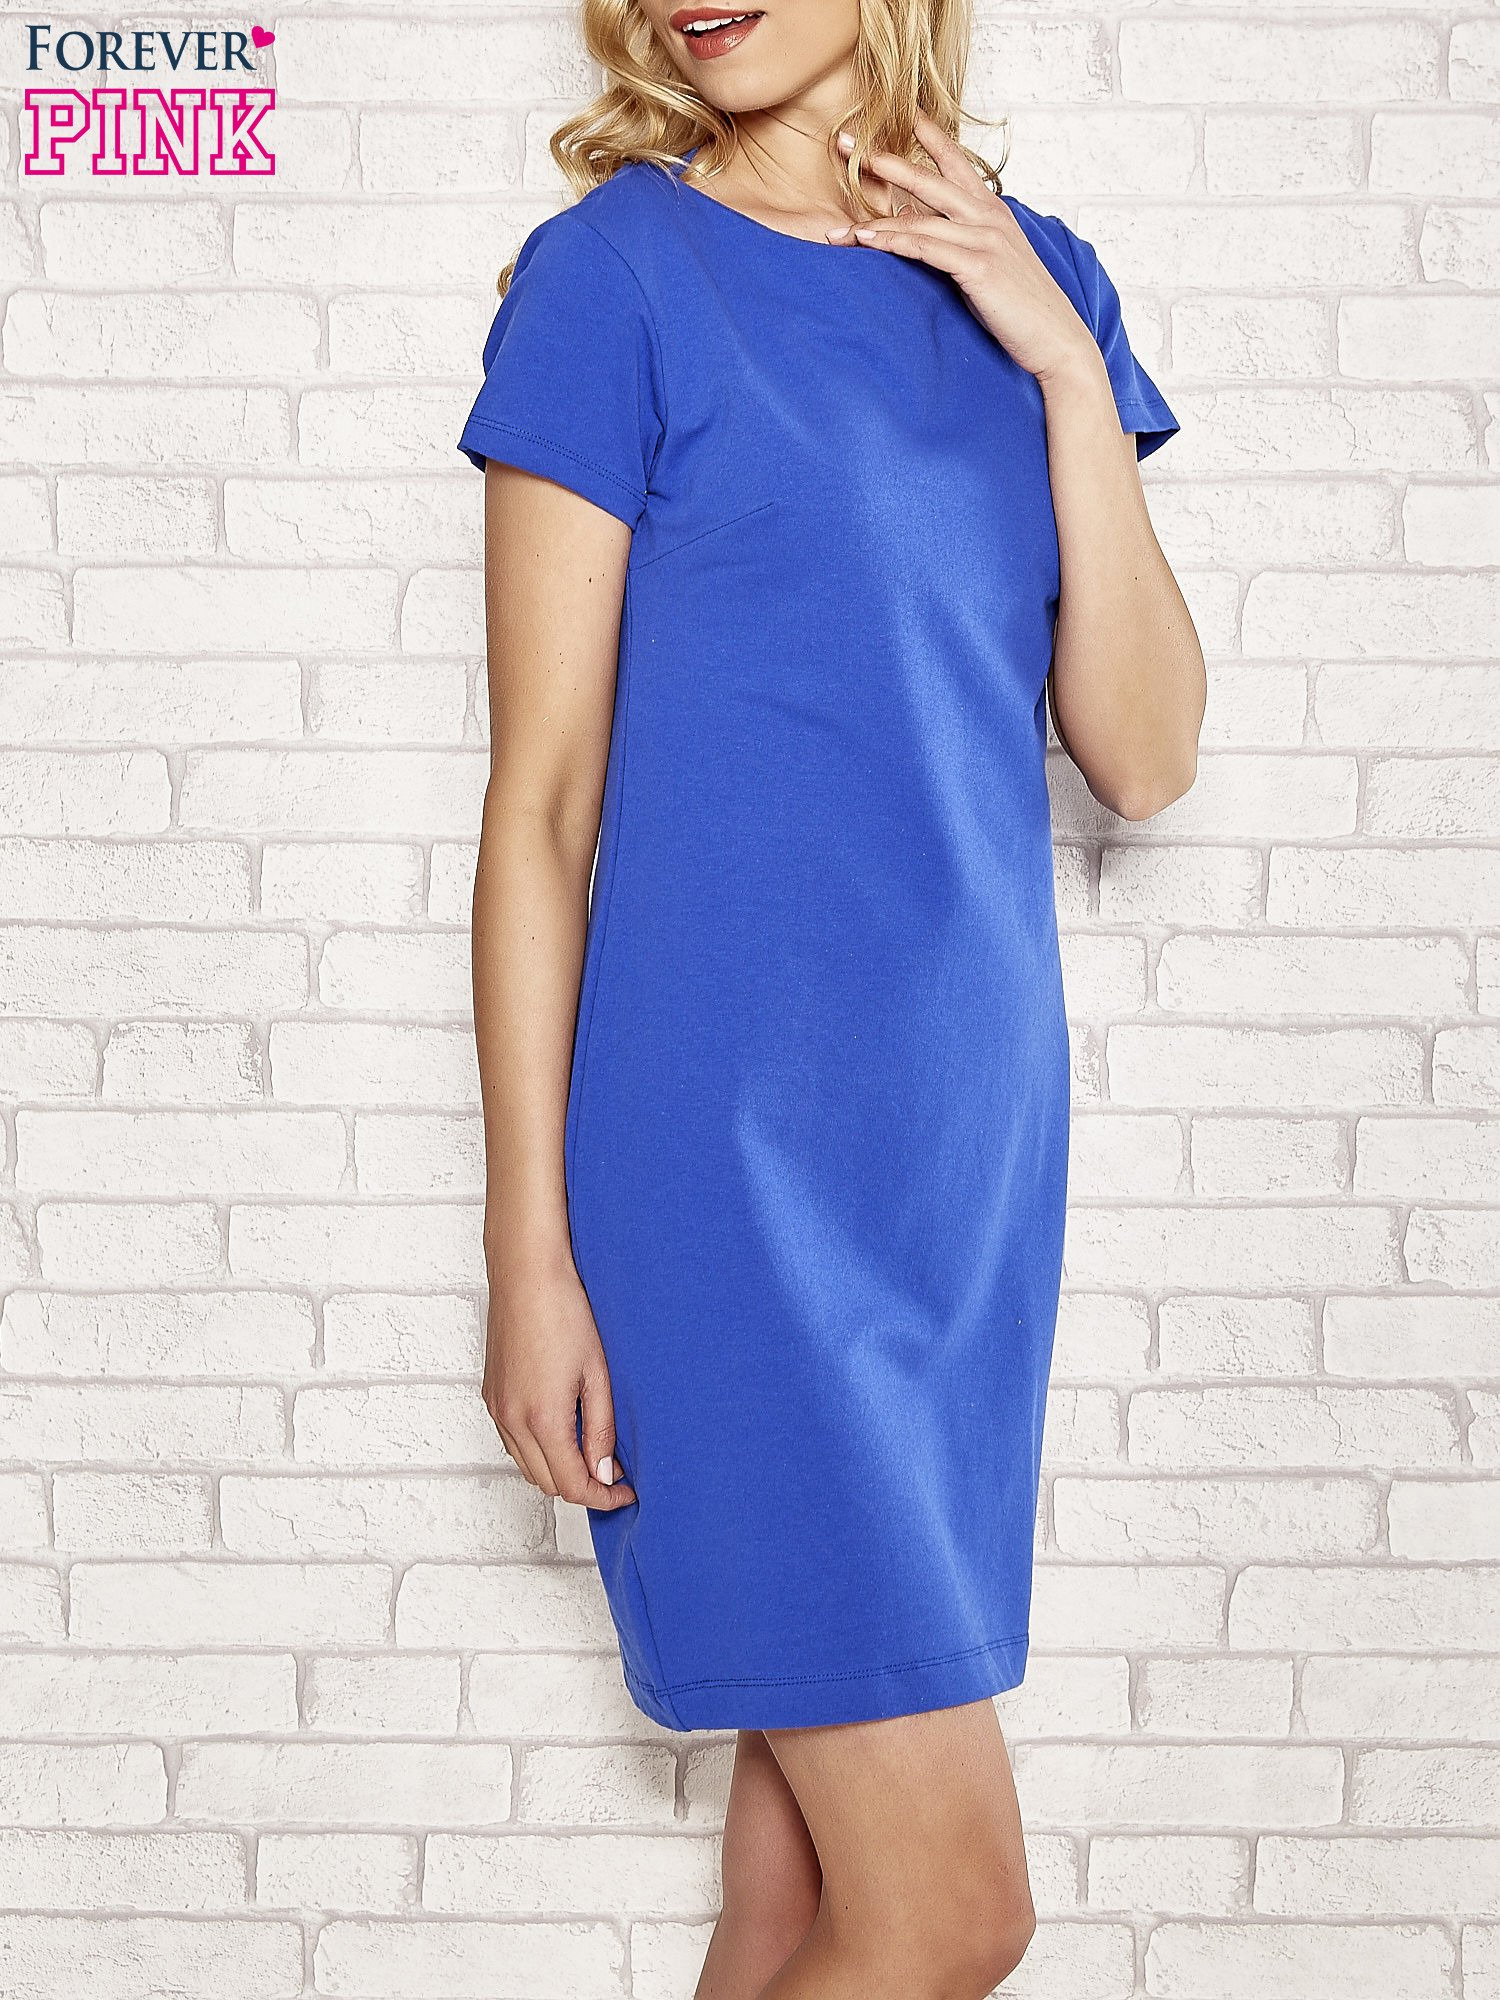 Niebieska sukienka dresowa o prostym kroju                                  zdj.                                  3